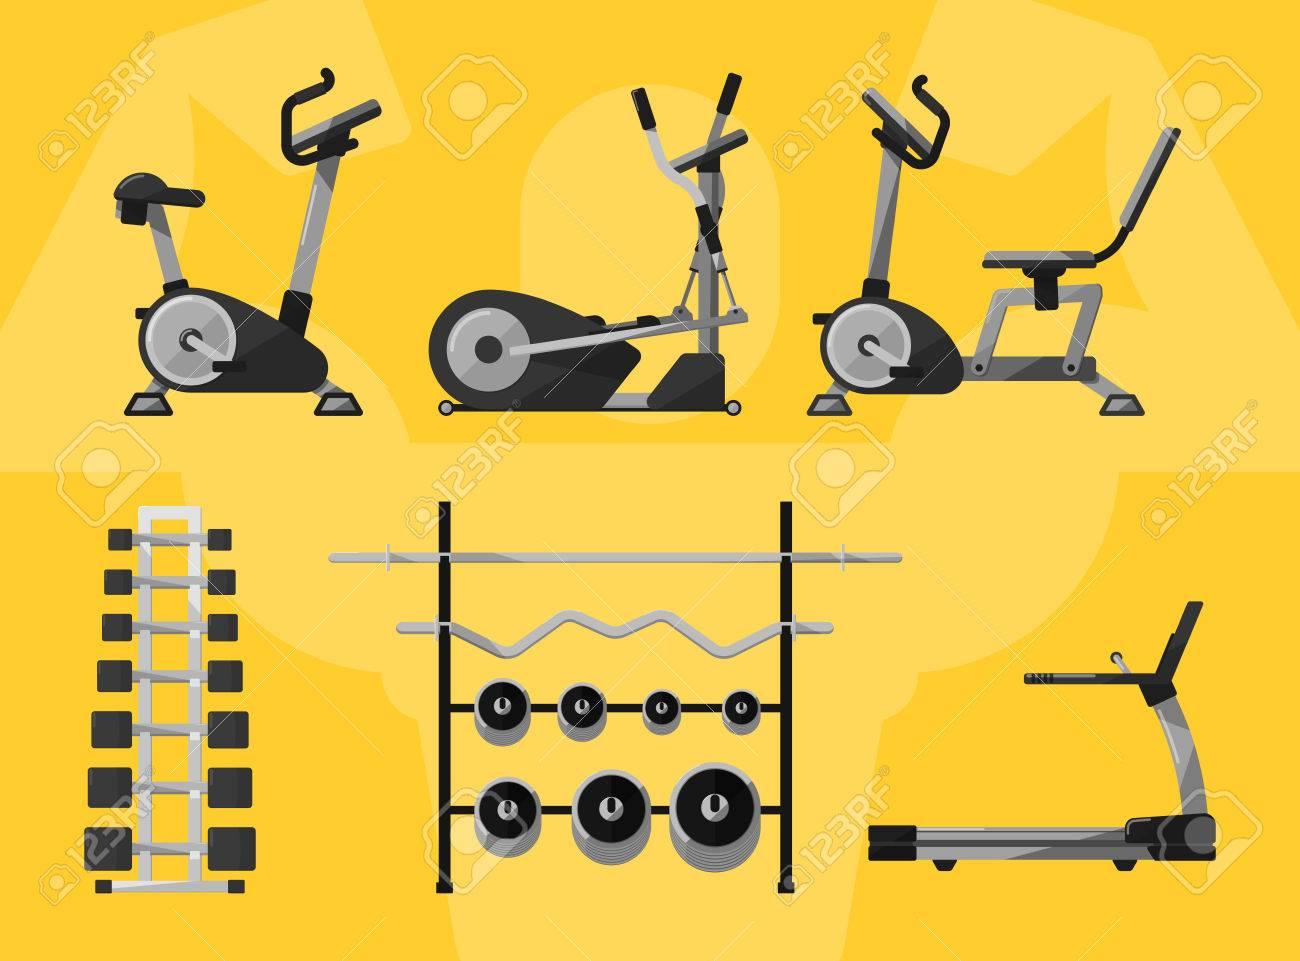 gym equipment gym gym workout gym interior fitness equipment